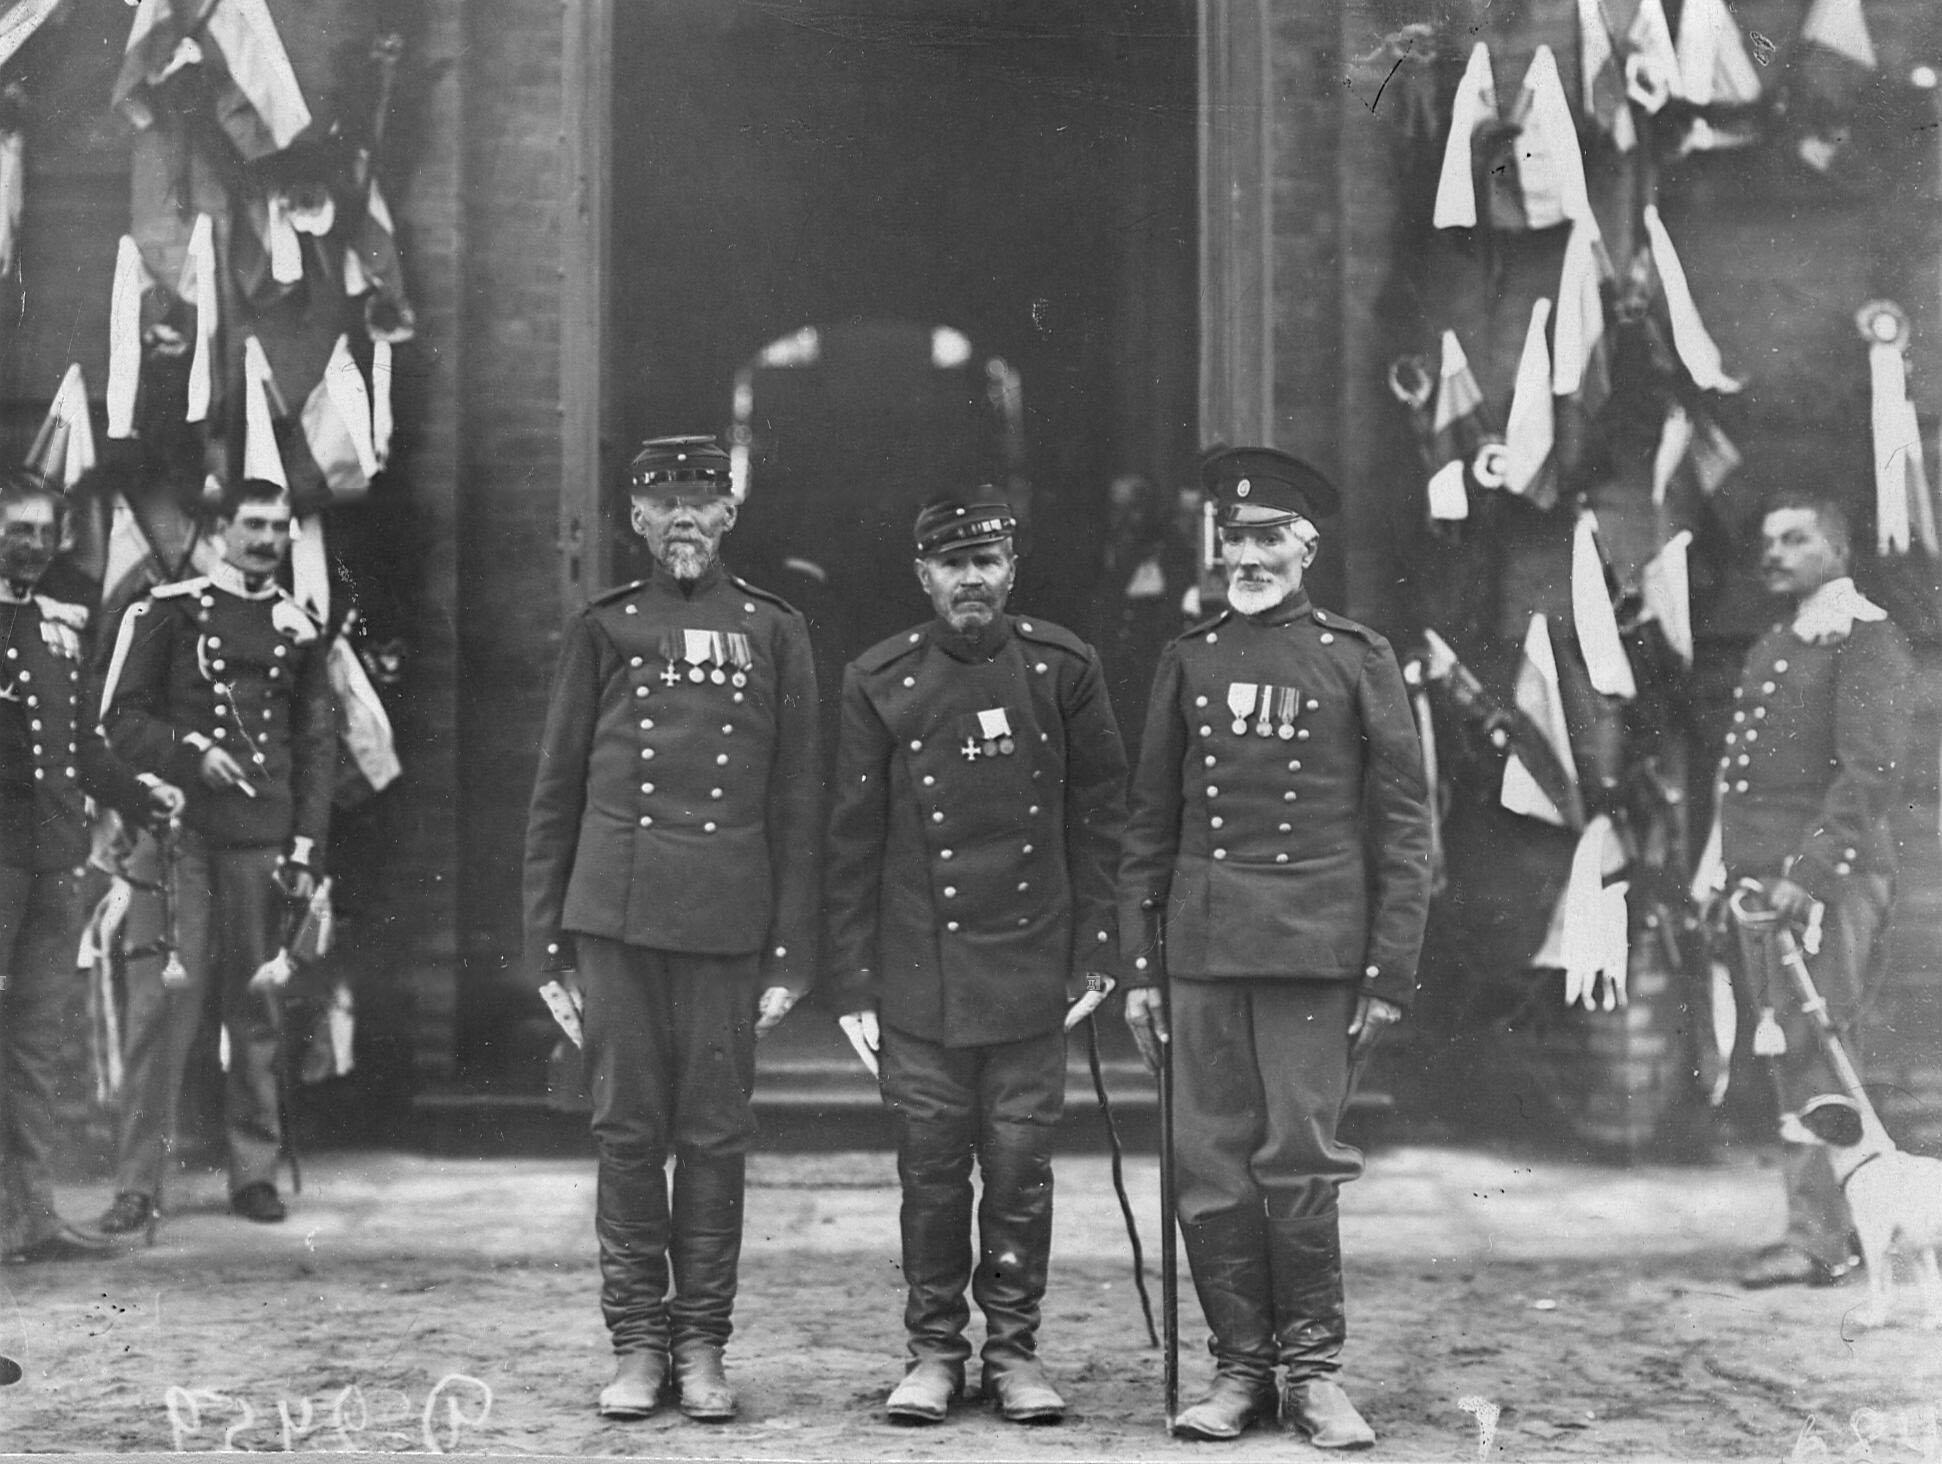 Группа ветеранов полка у здания казармы, декорированного в честь 250-летнего юбилея Уланского полка